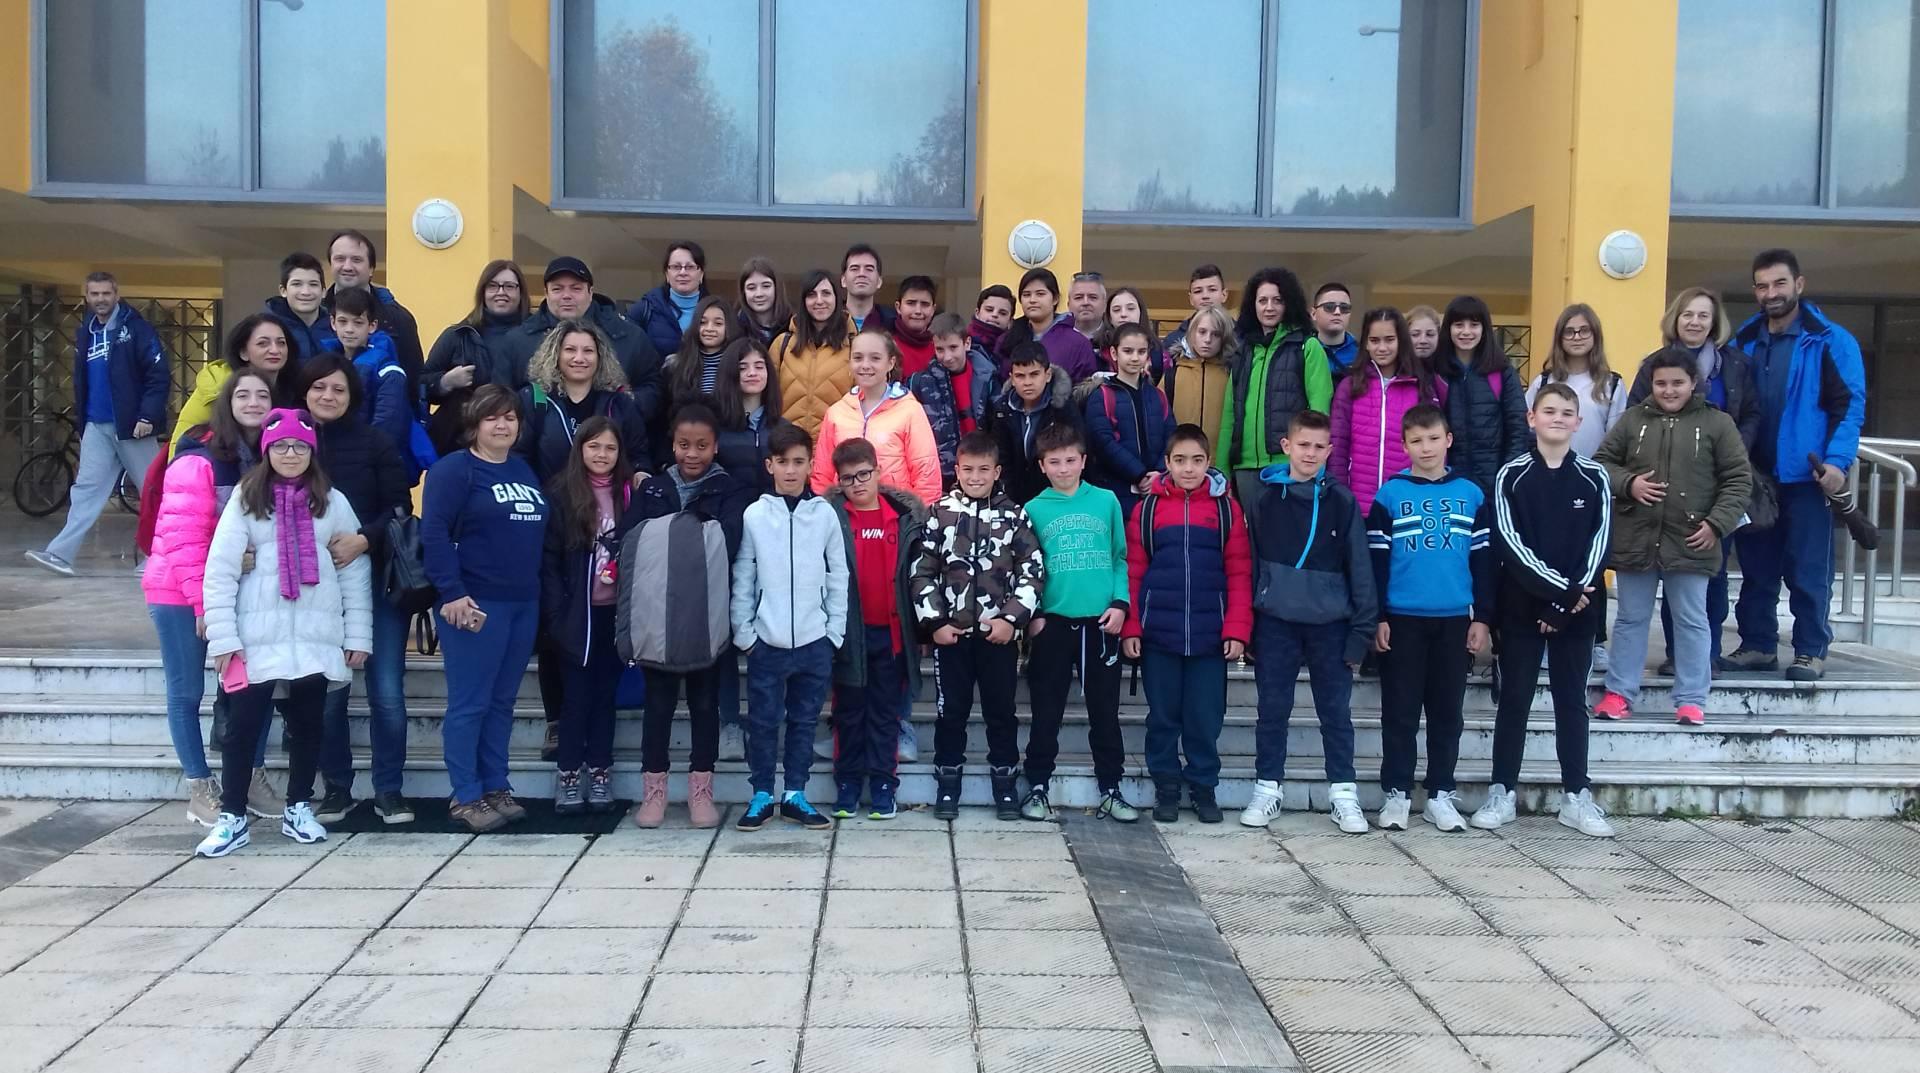 Δεύτερη ημέρα του ευρωπαϊκού προγράμματος ERASMUS+.Την Ελλάδα εκπροσωπεί το 3ο Δημοτικό Σχολείο Γρεβενών